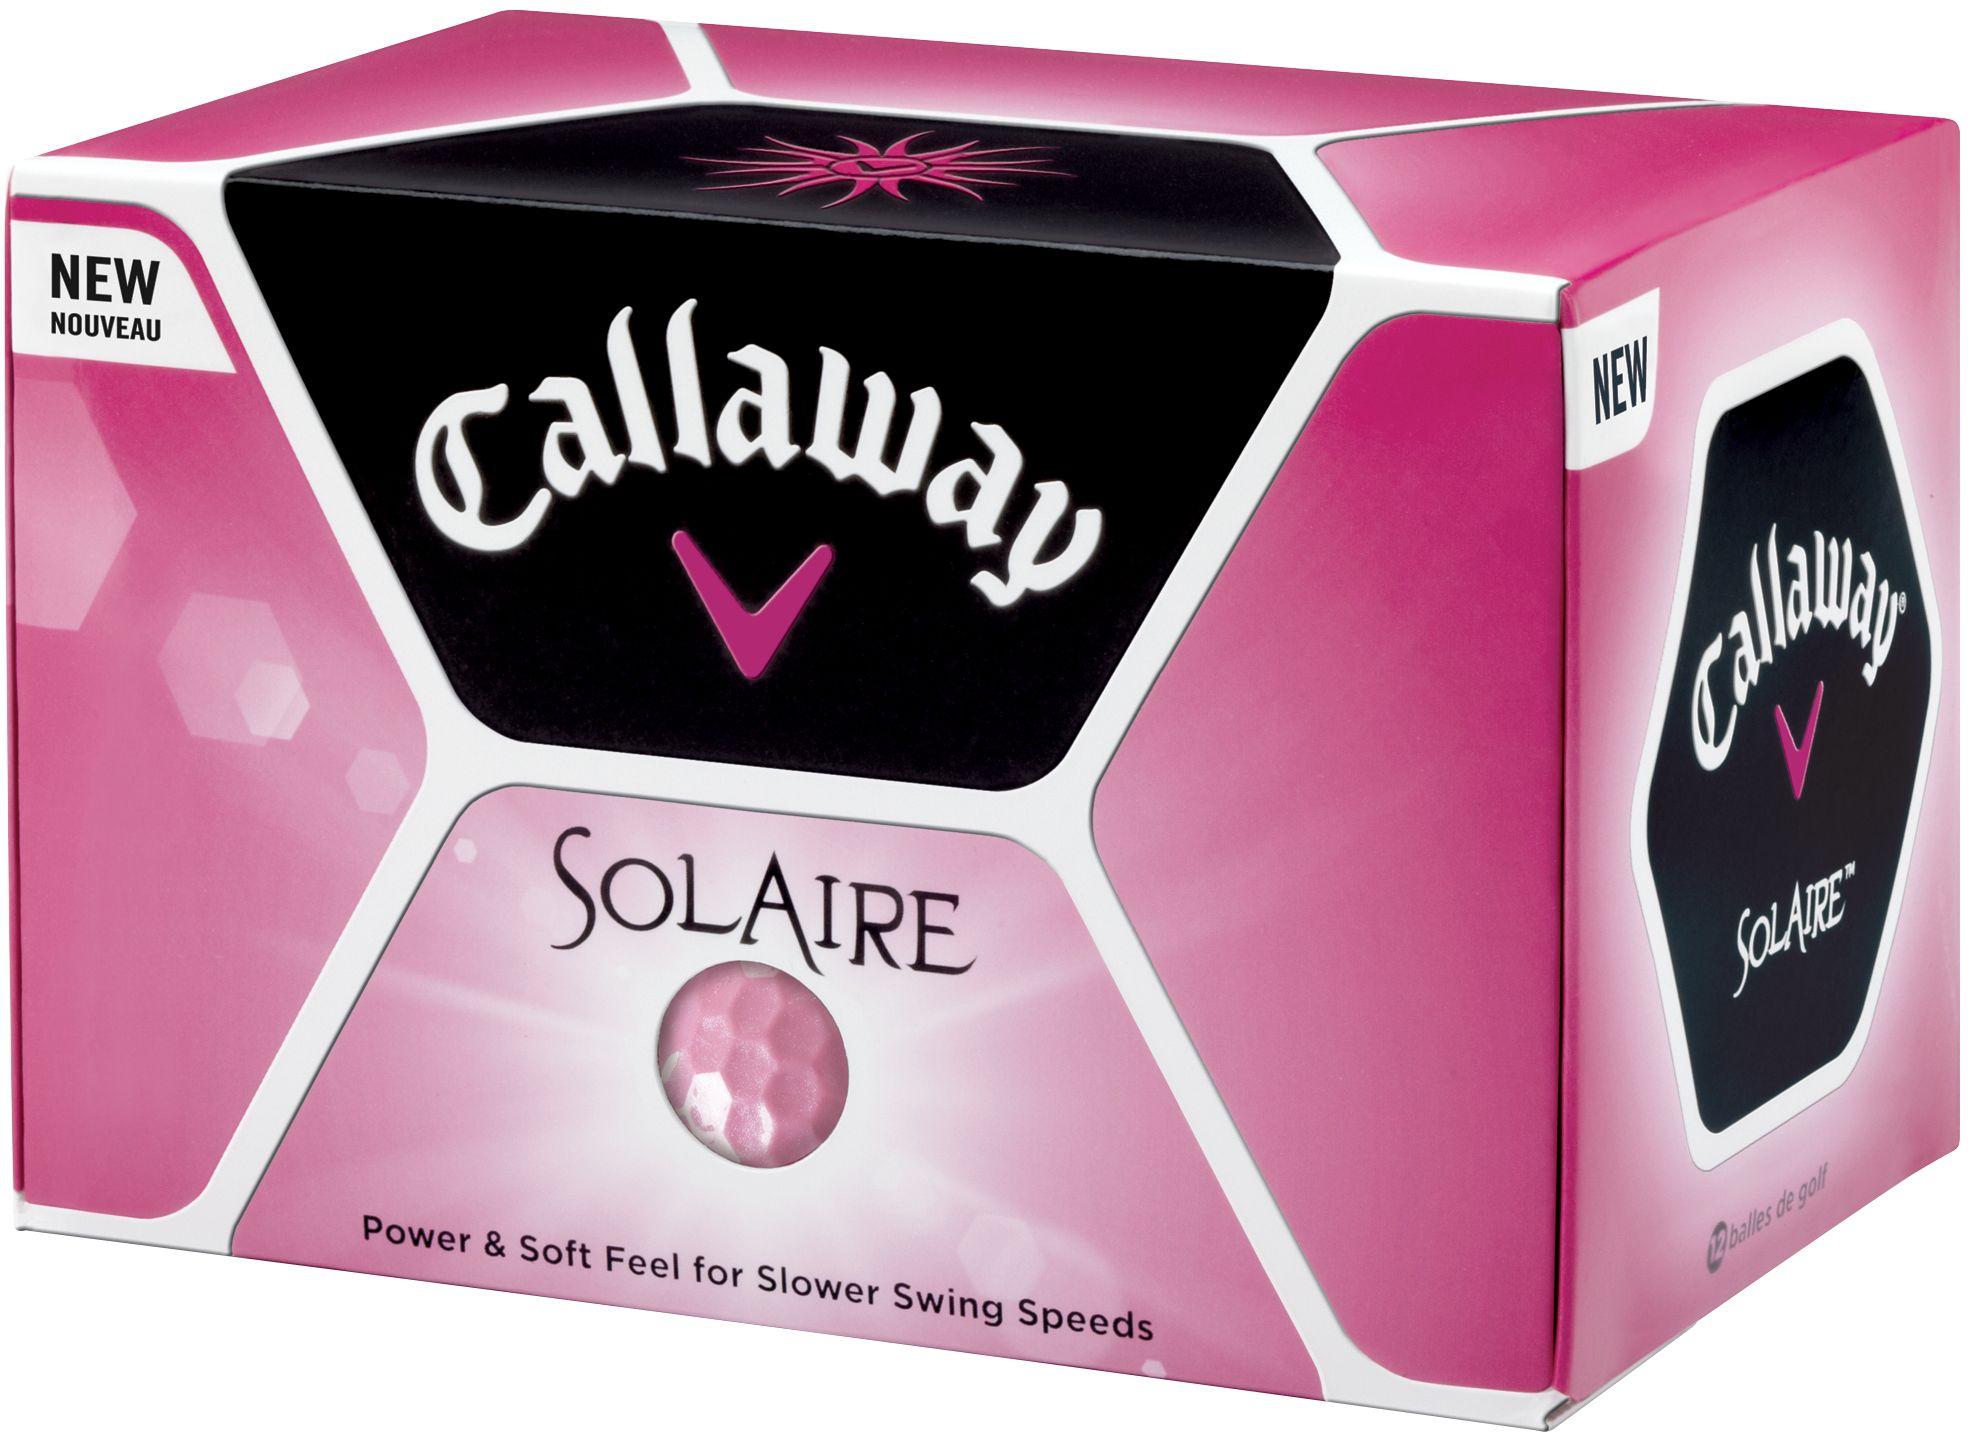 Callaway Women's Solaire Golf Balls 2010  - 12 pack